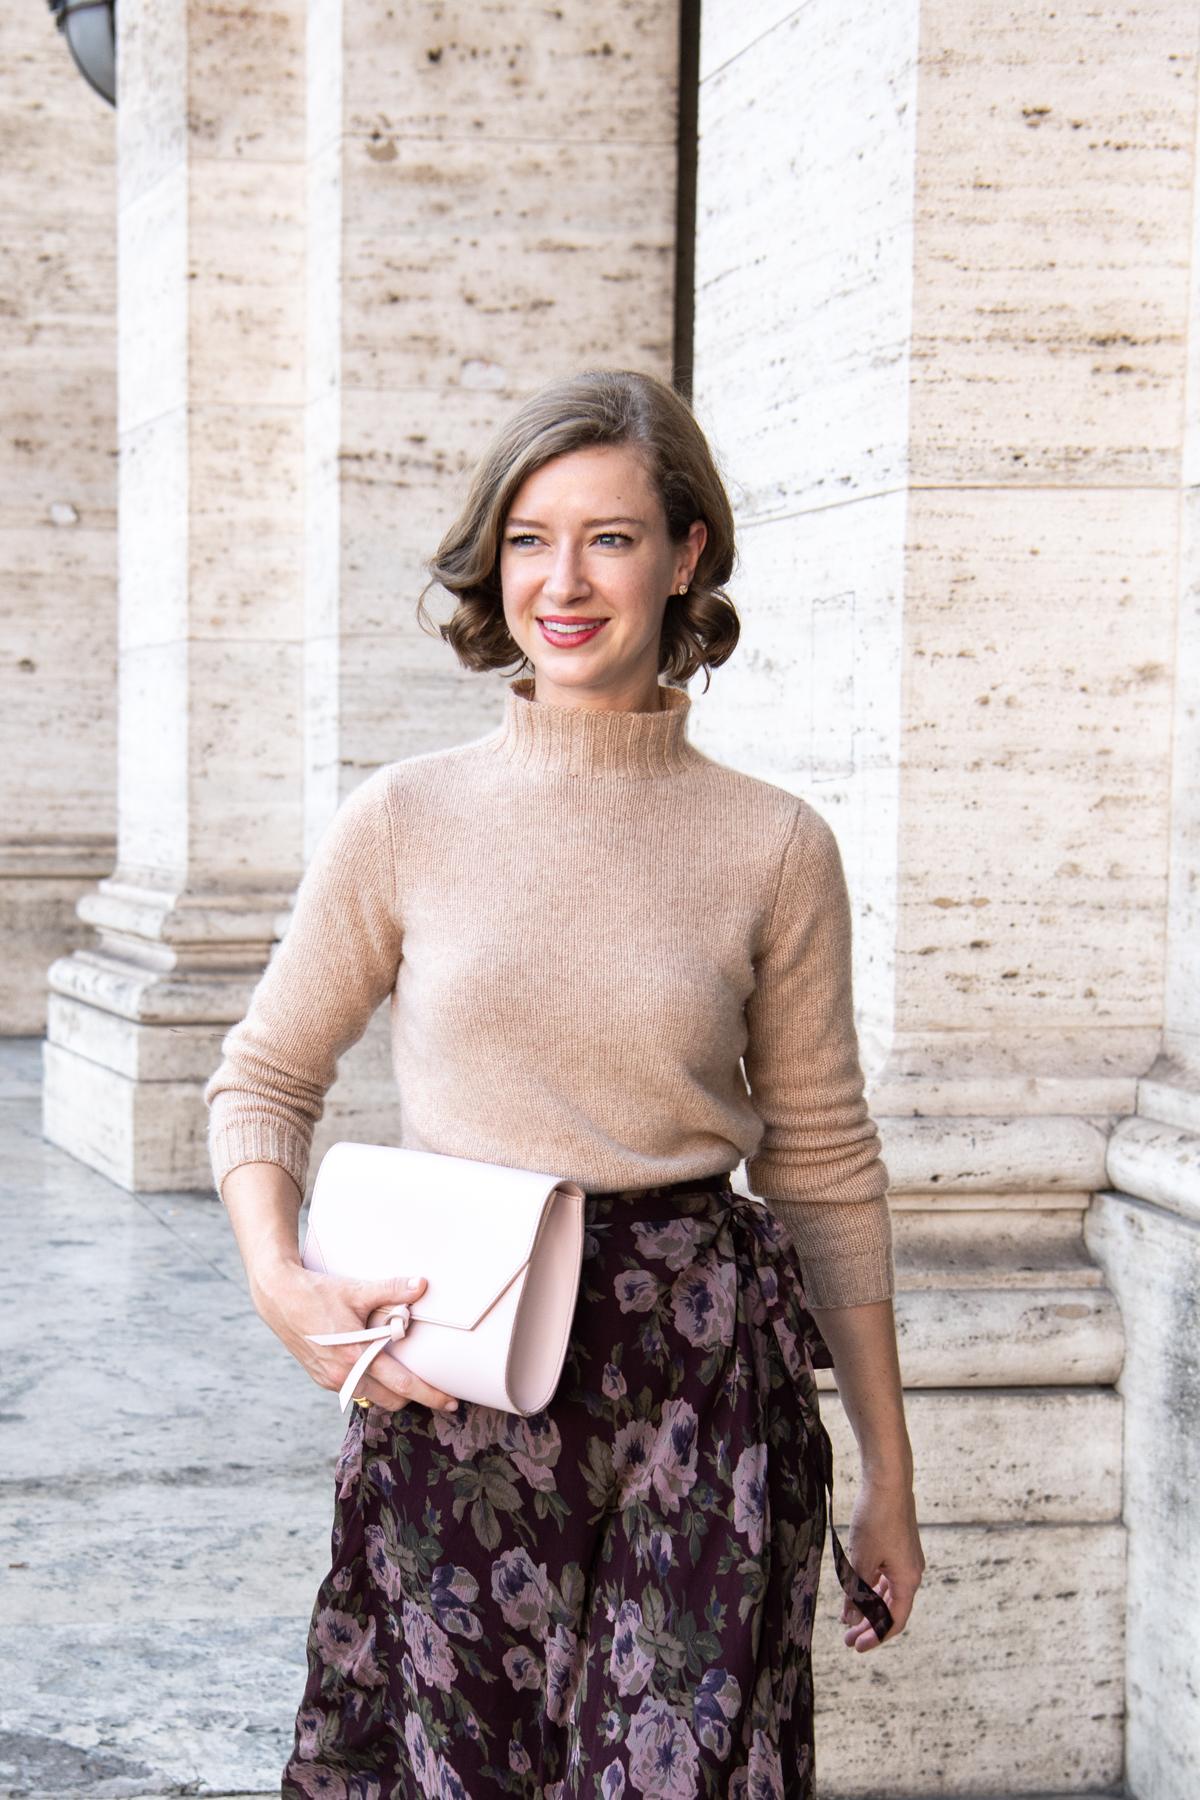 48 Hours in Rome x Stacie Flinner-15-1.jpg